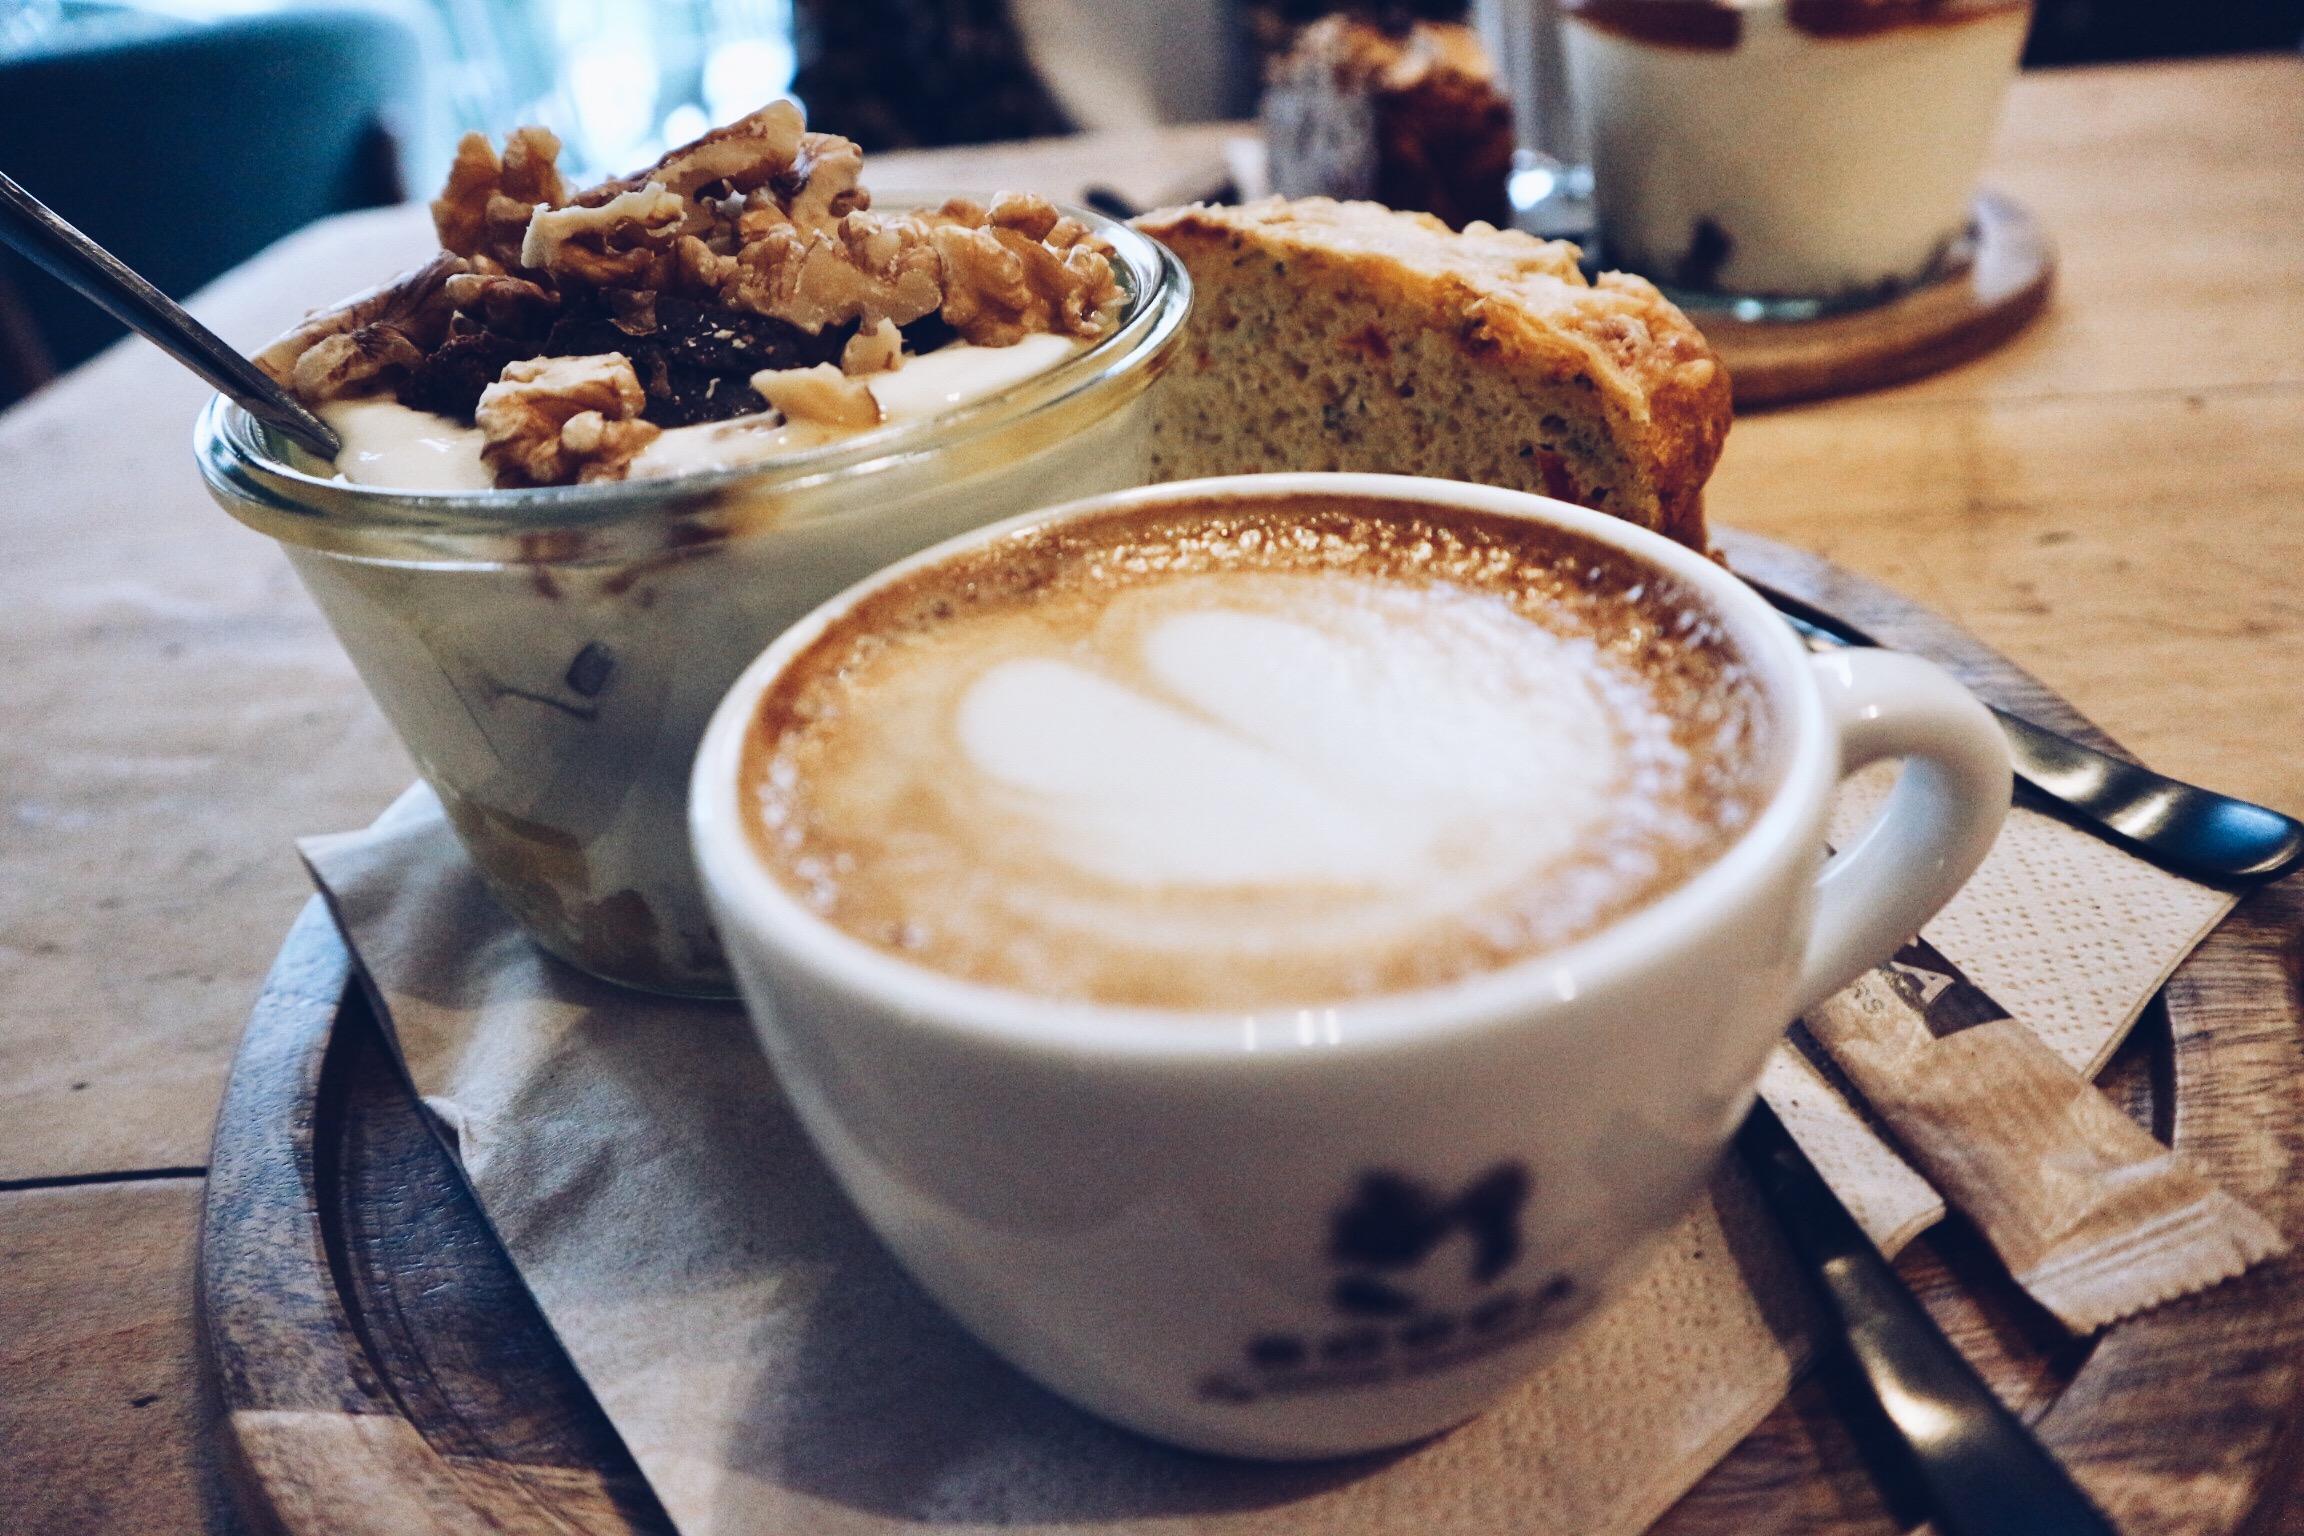 Yoghurt Barn, yoghurt, Eindhoven, eten, food, foodie, ontbijt, lunch, koffie, thee, bananenbrood, blog, blogger, eindhoven365